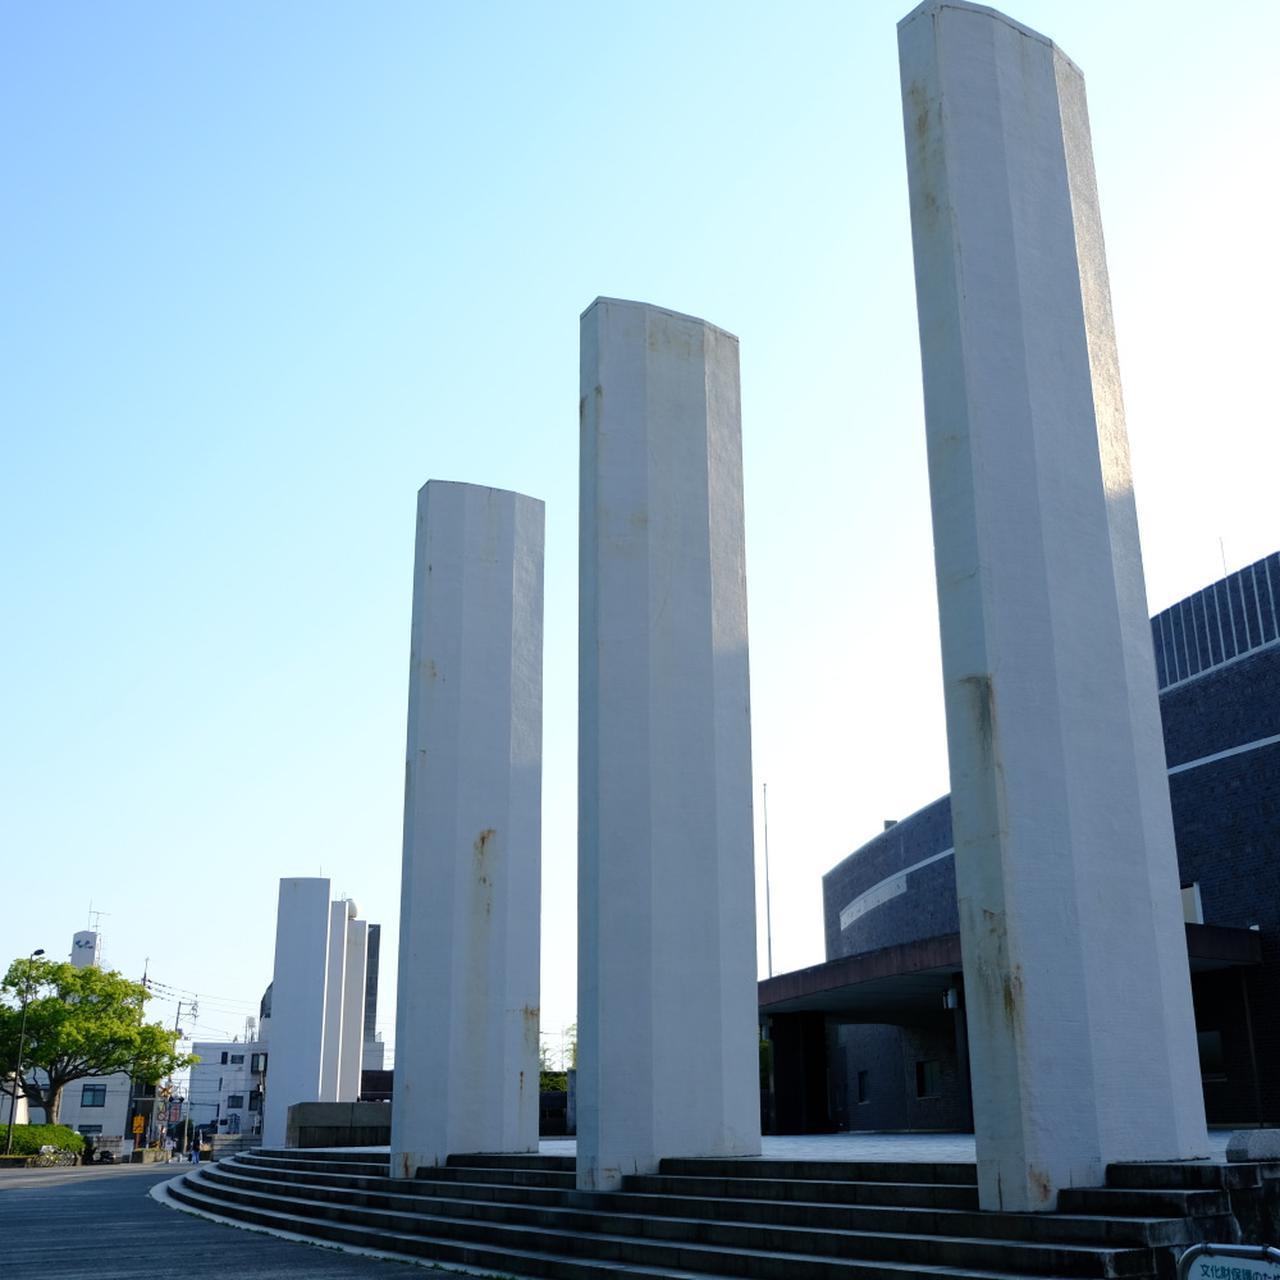 画像: まず外観。左右に3本ずつ並んだ塔とその中央に置かれた記念碑は、渡辺が関わった7つの会社を表しています。